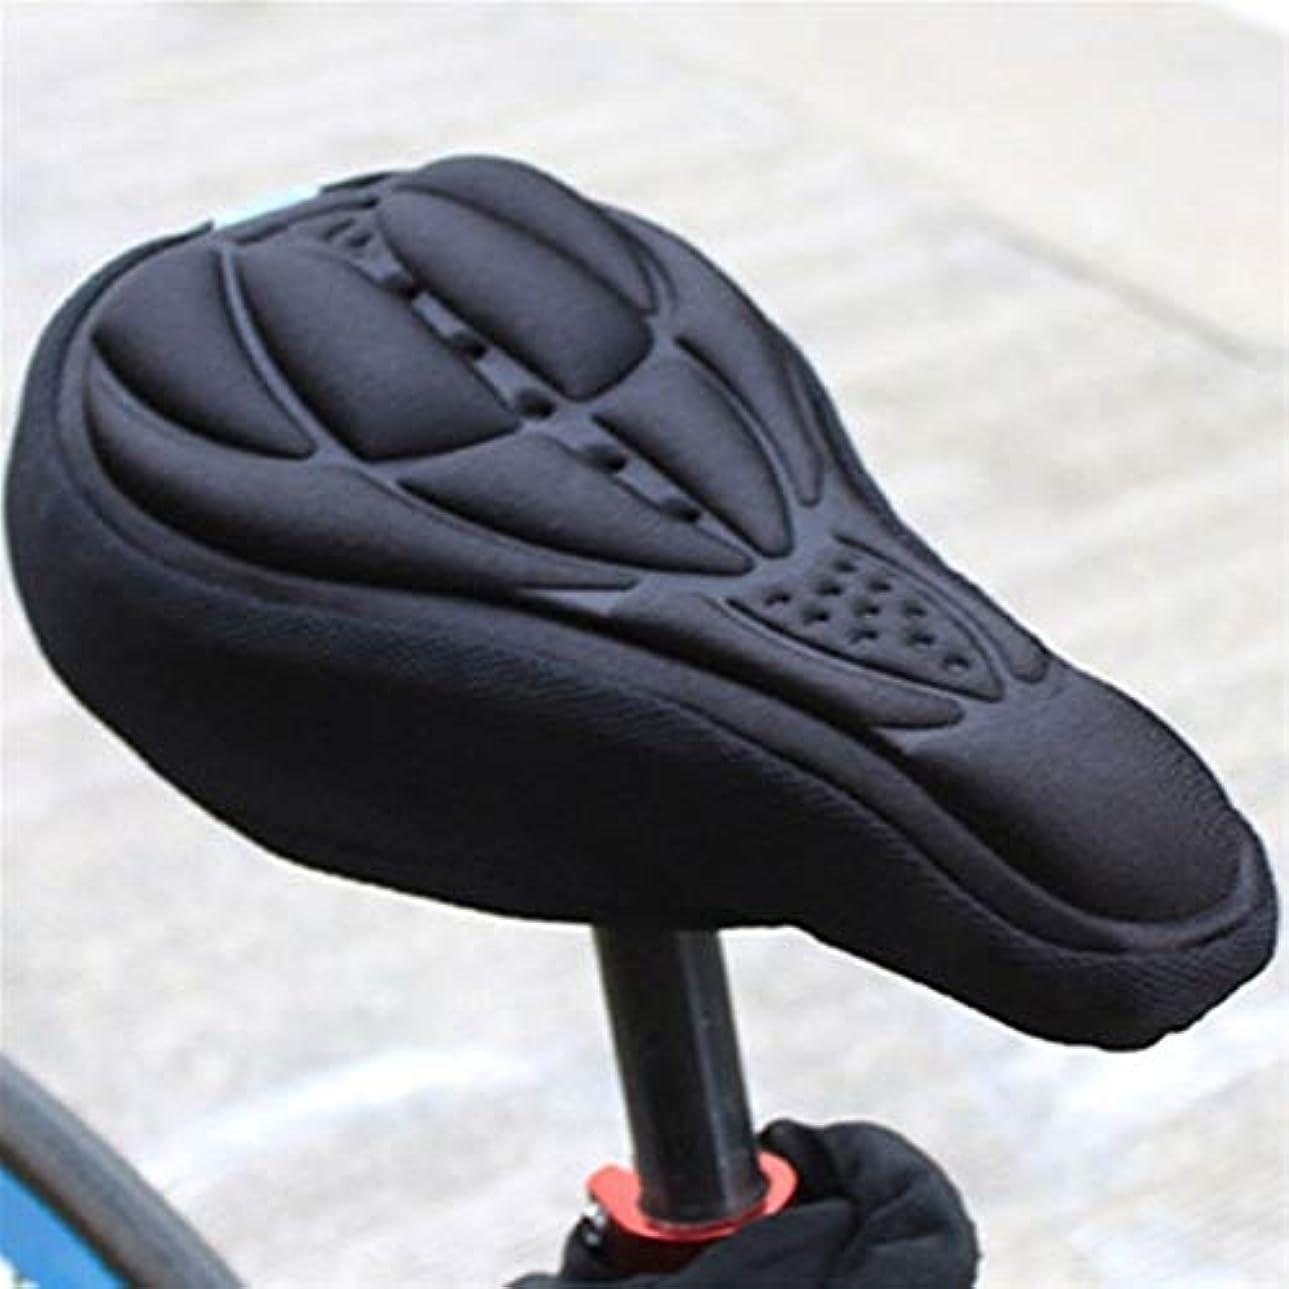 食品時折エッセンス自転車バイクアクセサリーのための自転車のサドルの3Dソフトバイクのシートカバー快適な低反発シートクッションサイクリングサドル